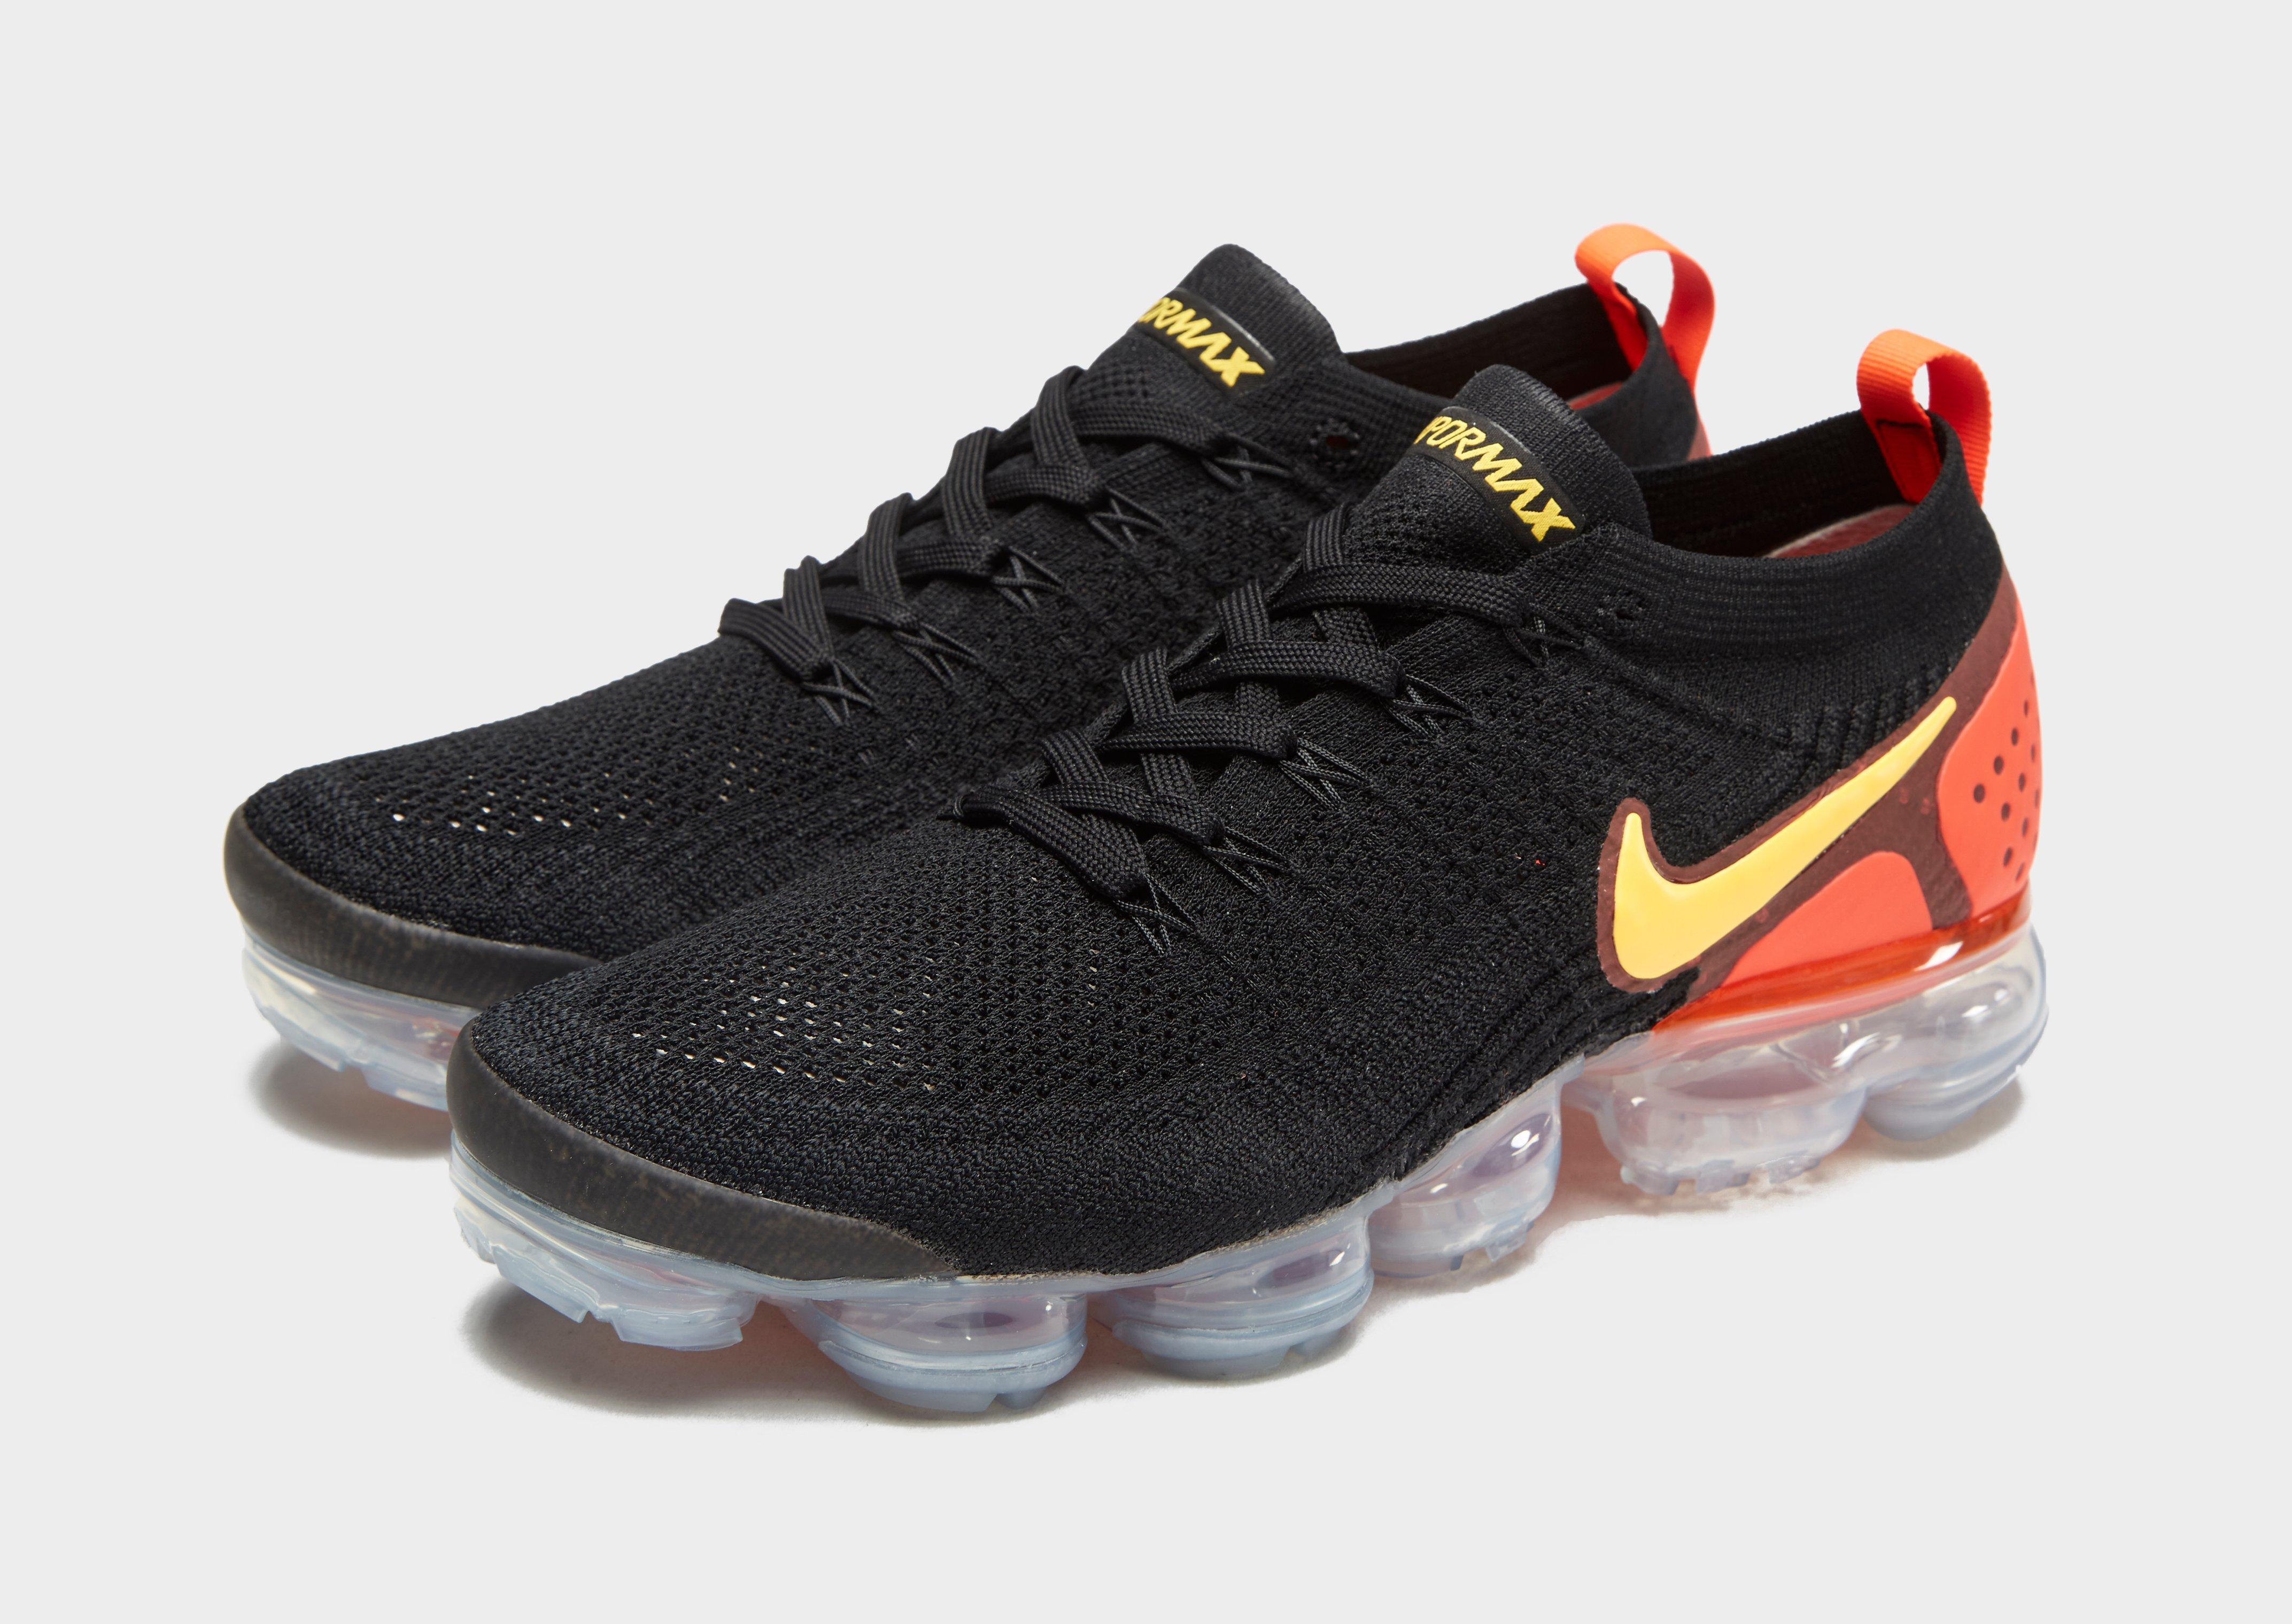 e98c2e0f4 Discount Nike Magistax Proximo Ii Fg Orange | Inee